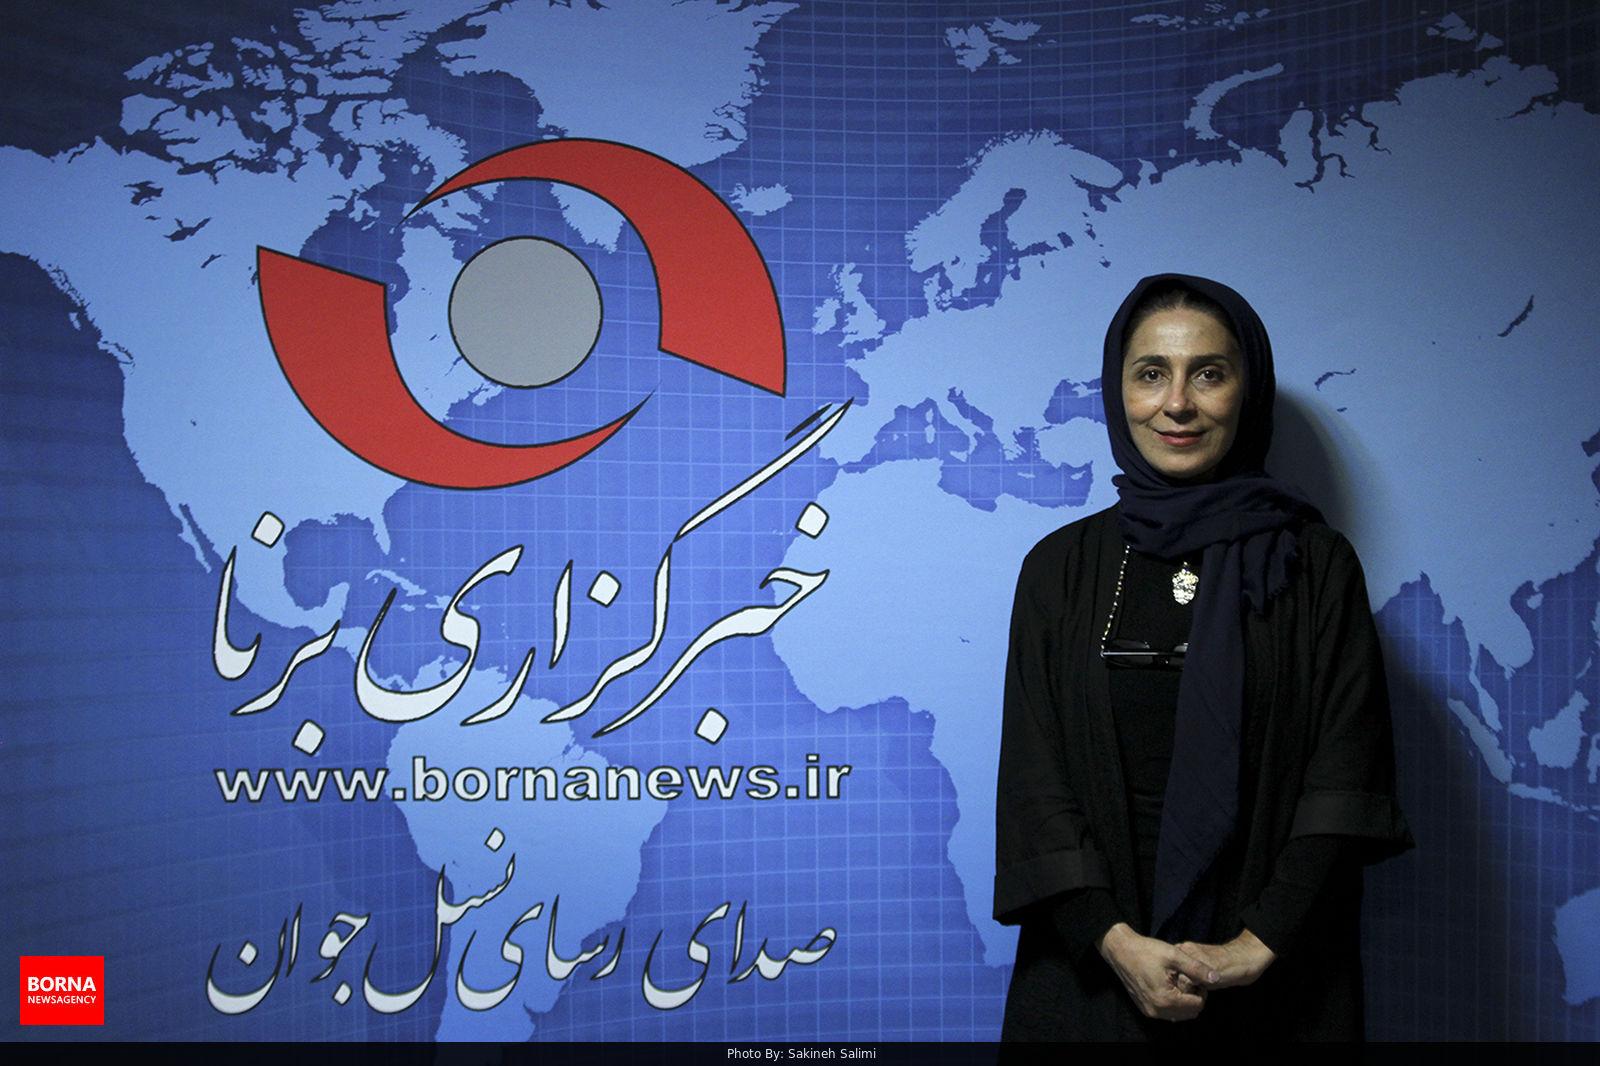 حضور+مریم+کاظمی+دبیر+جشنواره+تئاتر+کودک+و+نوجوان+در+خبرگزاری+برنا+..